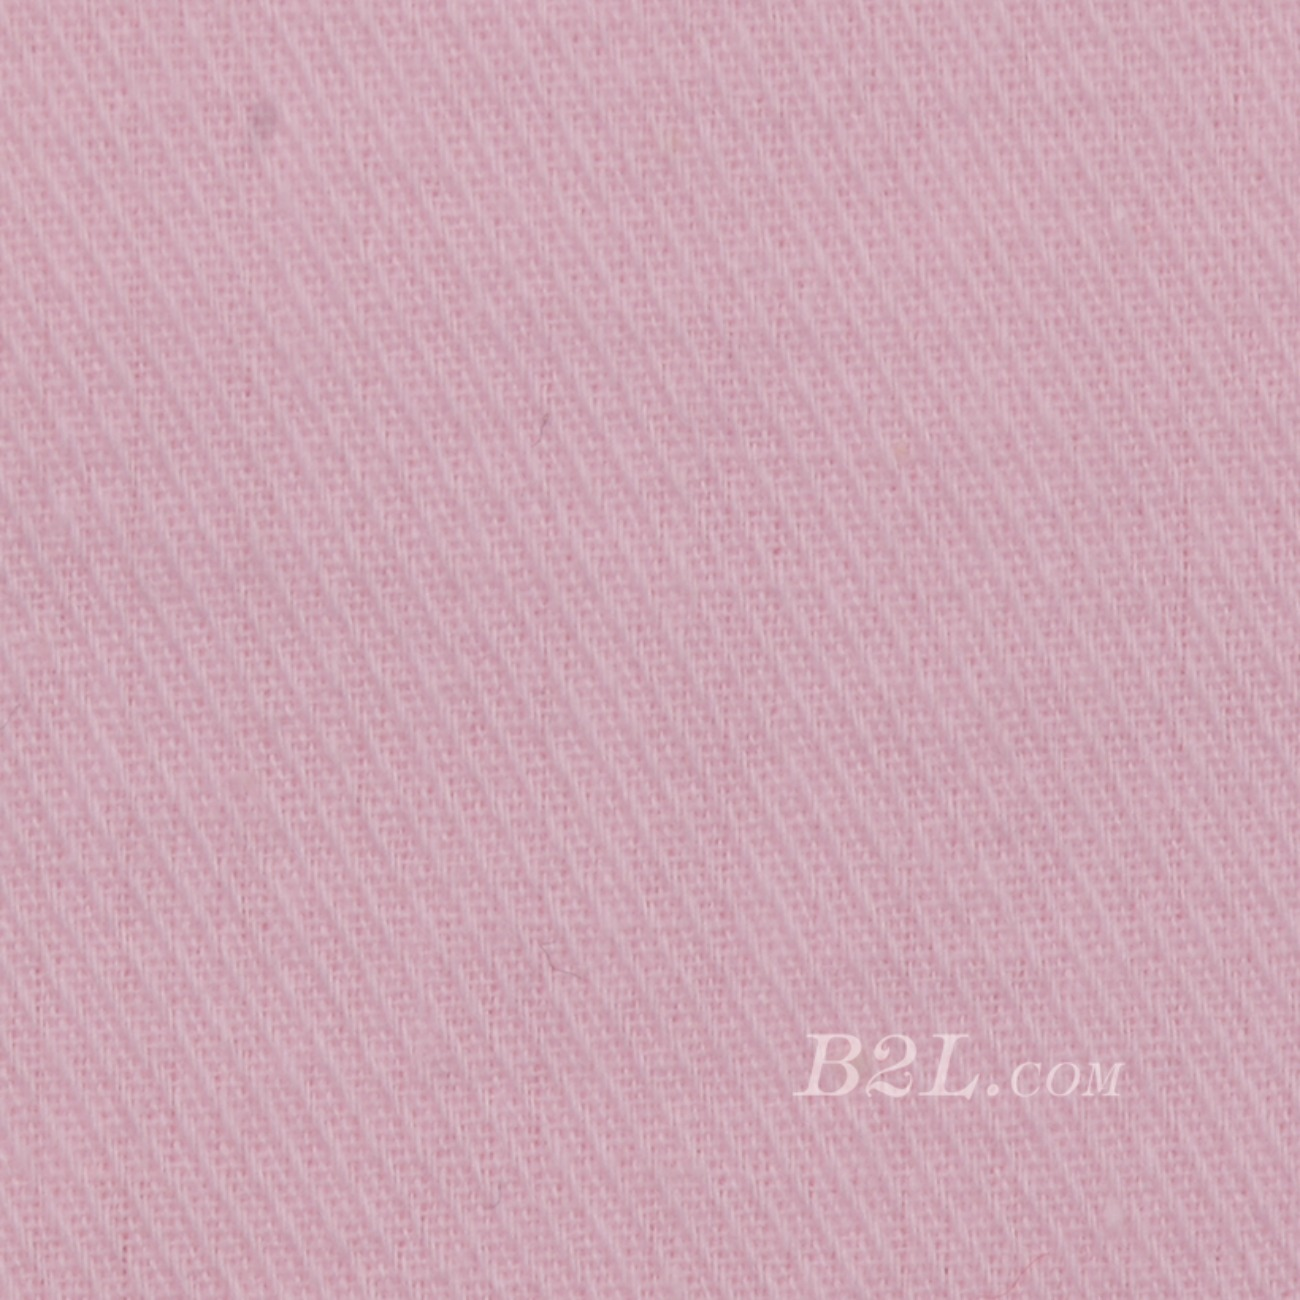 斜纹 素色 梭织 染色 无弹 连衣裙 衬衫 柔软 细腻 棉感 女装 春夏 71116-9